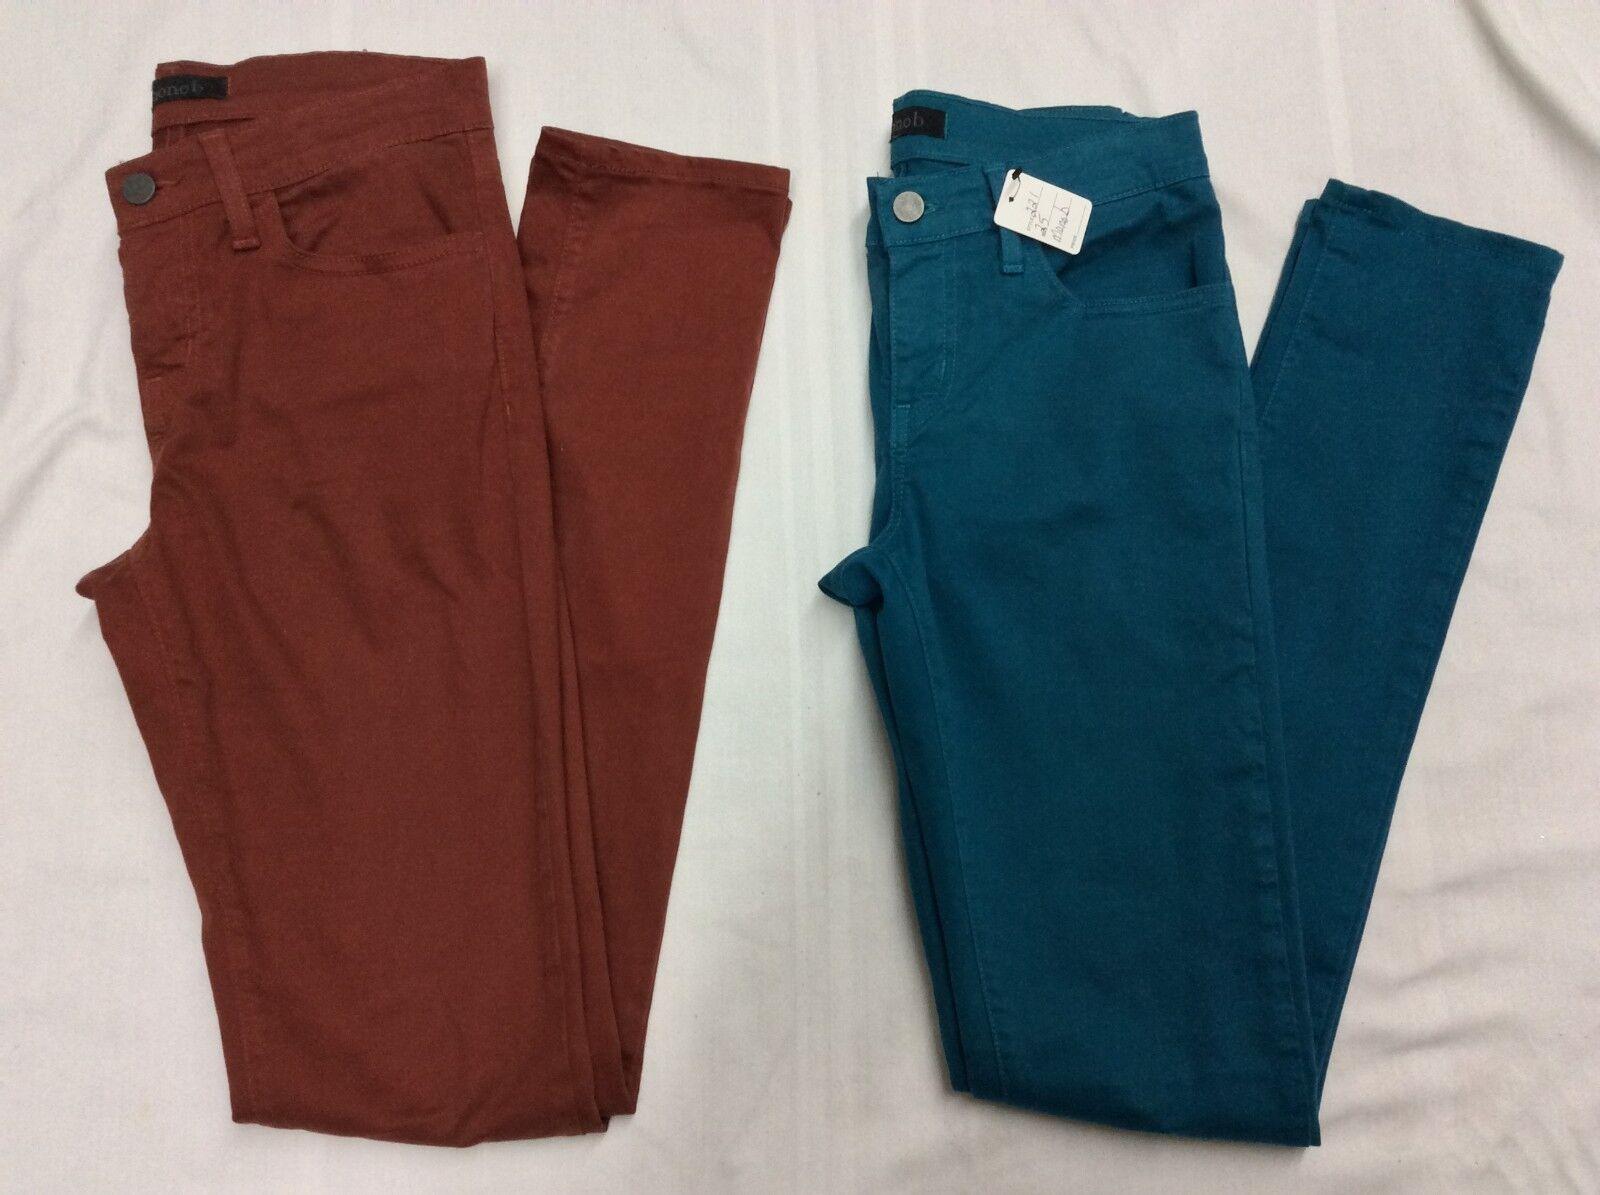 Mono B Lot Womens 25 Skinny Leg Pants Jeans 1 bluee 1 Brown